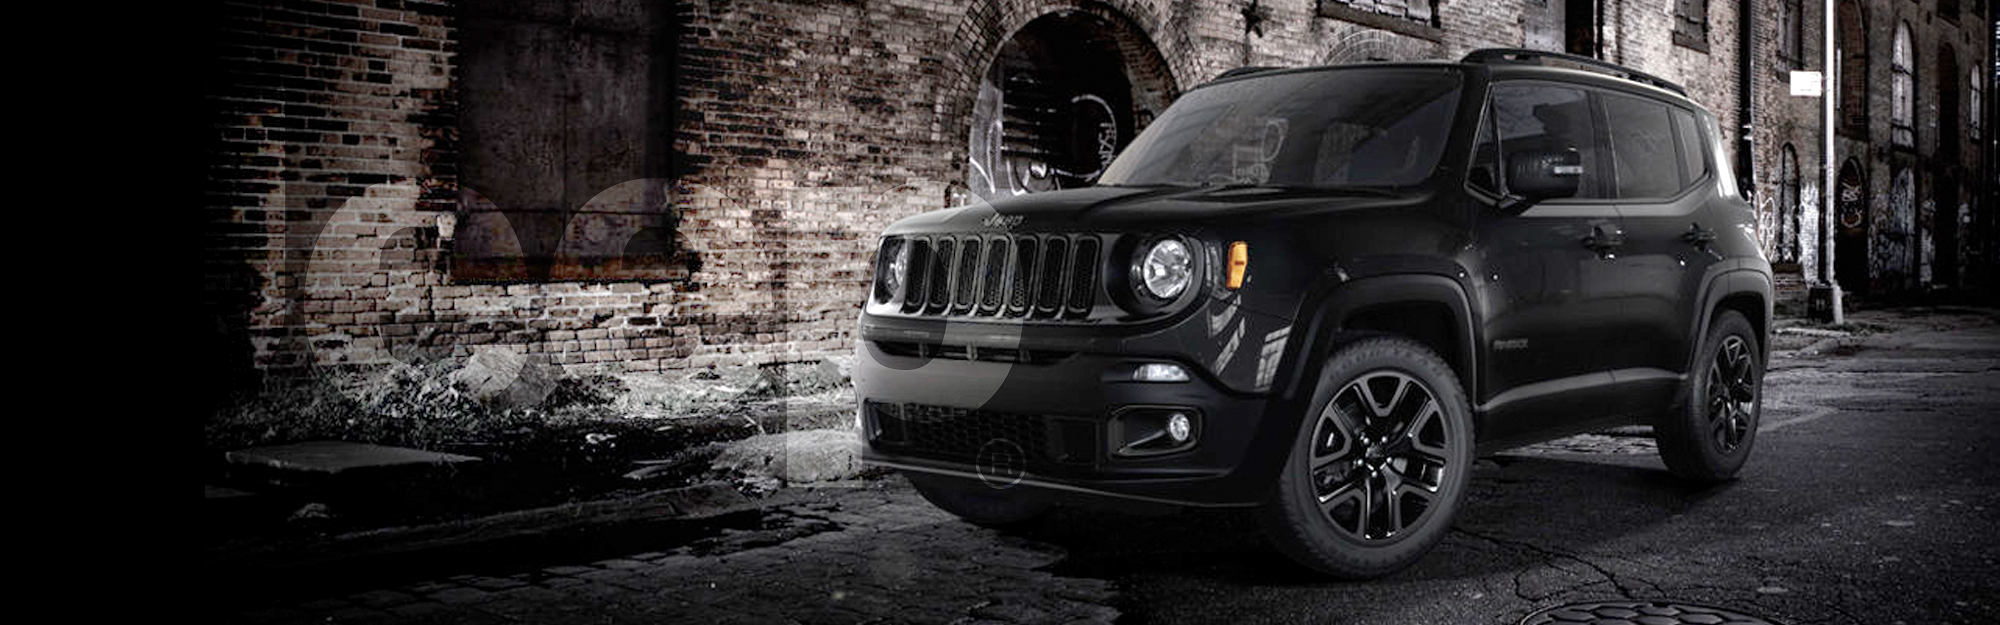 Autohaus Neumann - Jeep Grand Cherokee